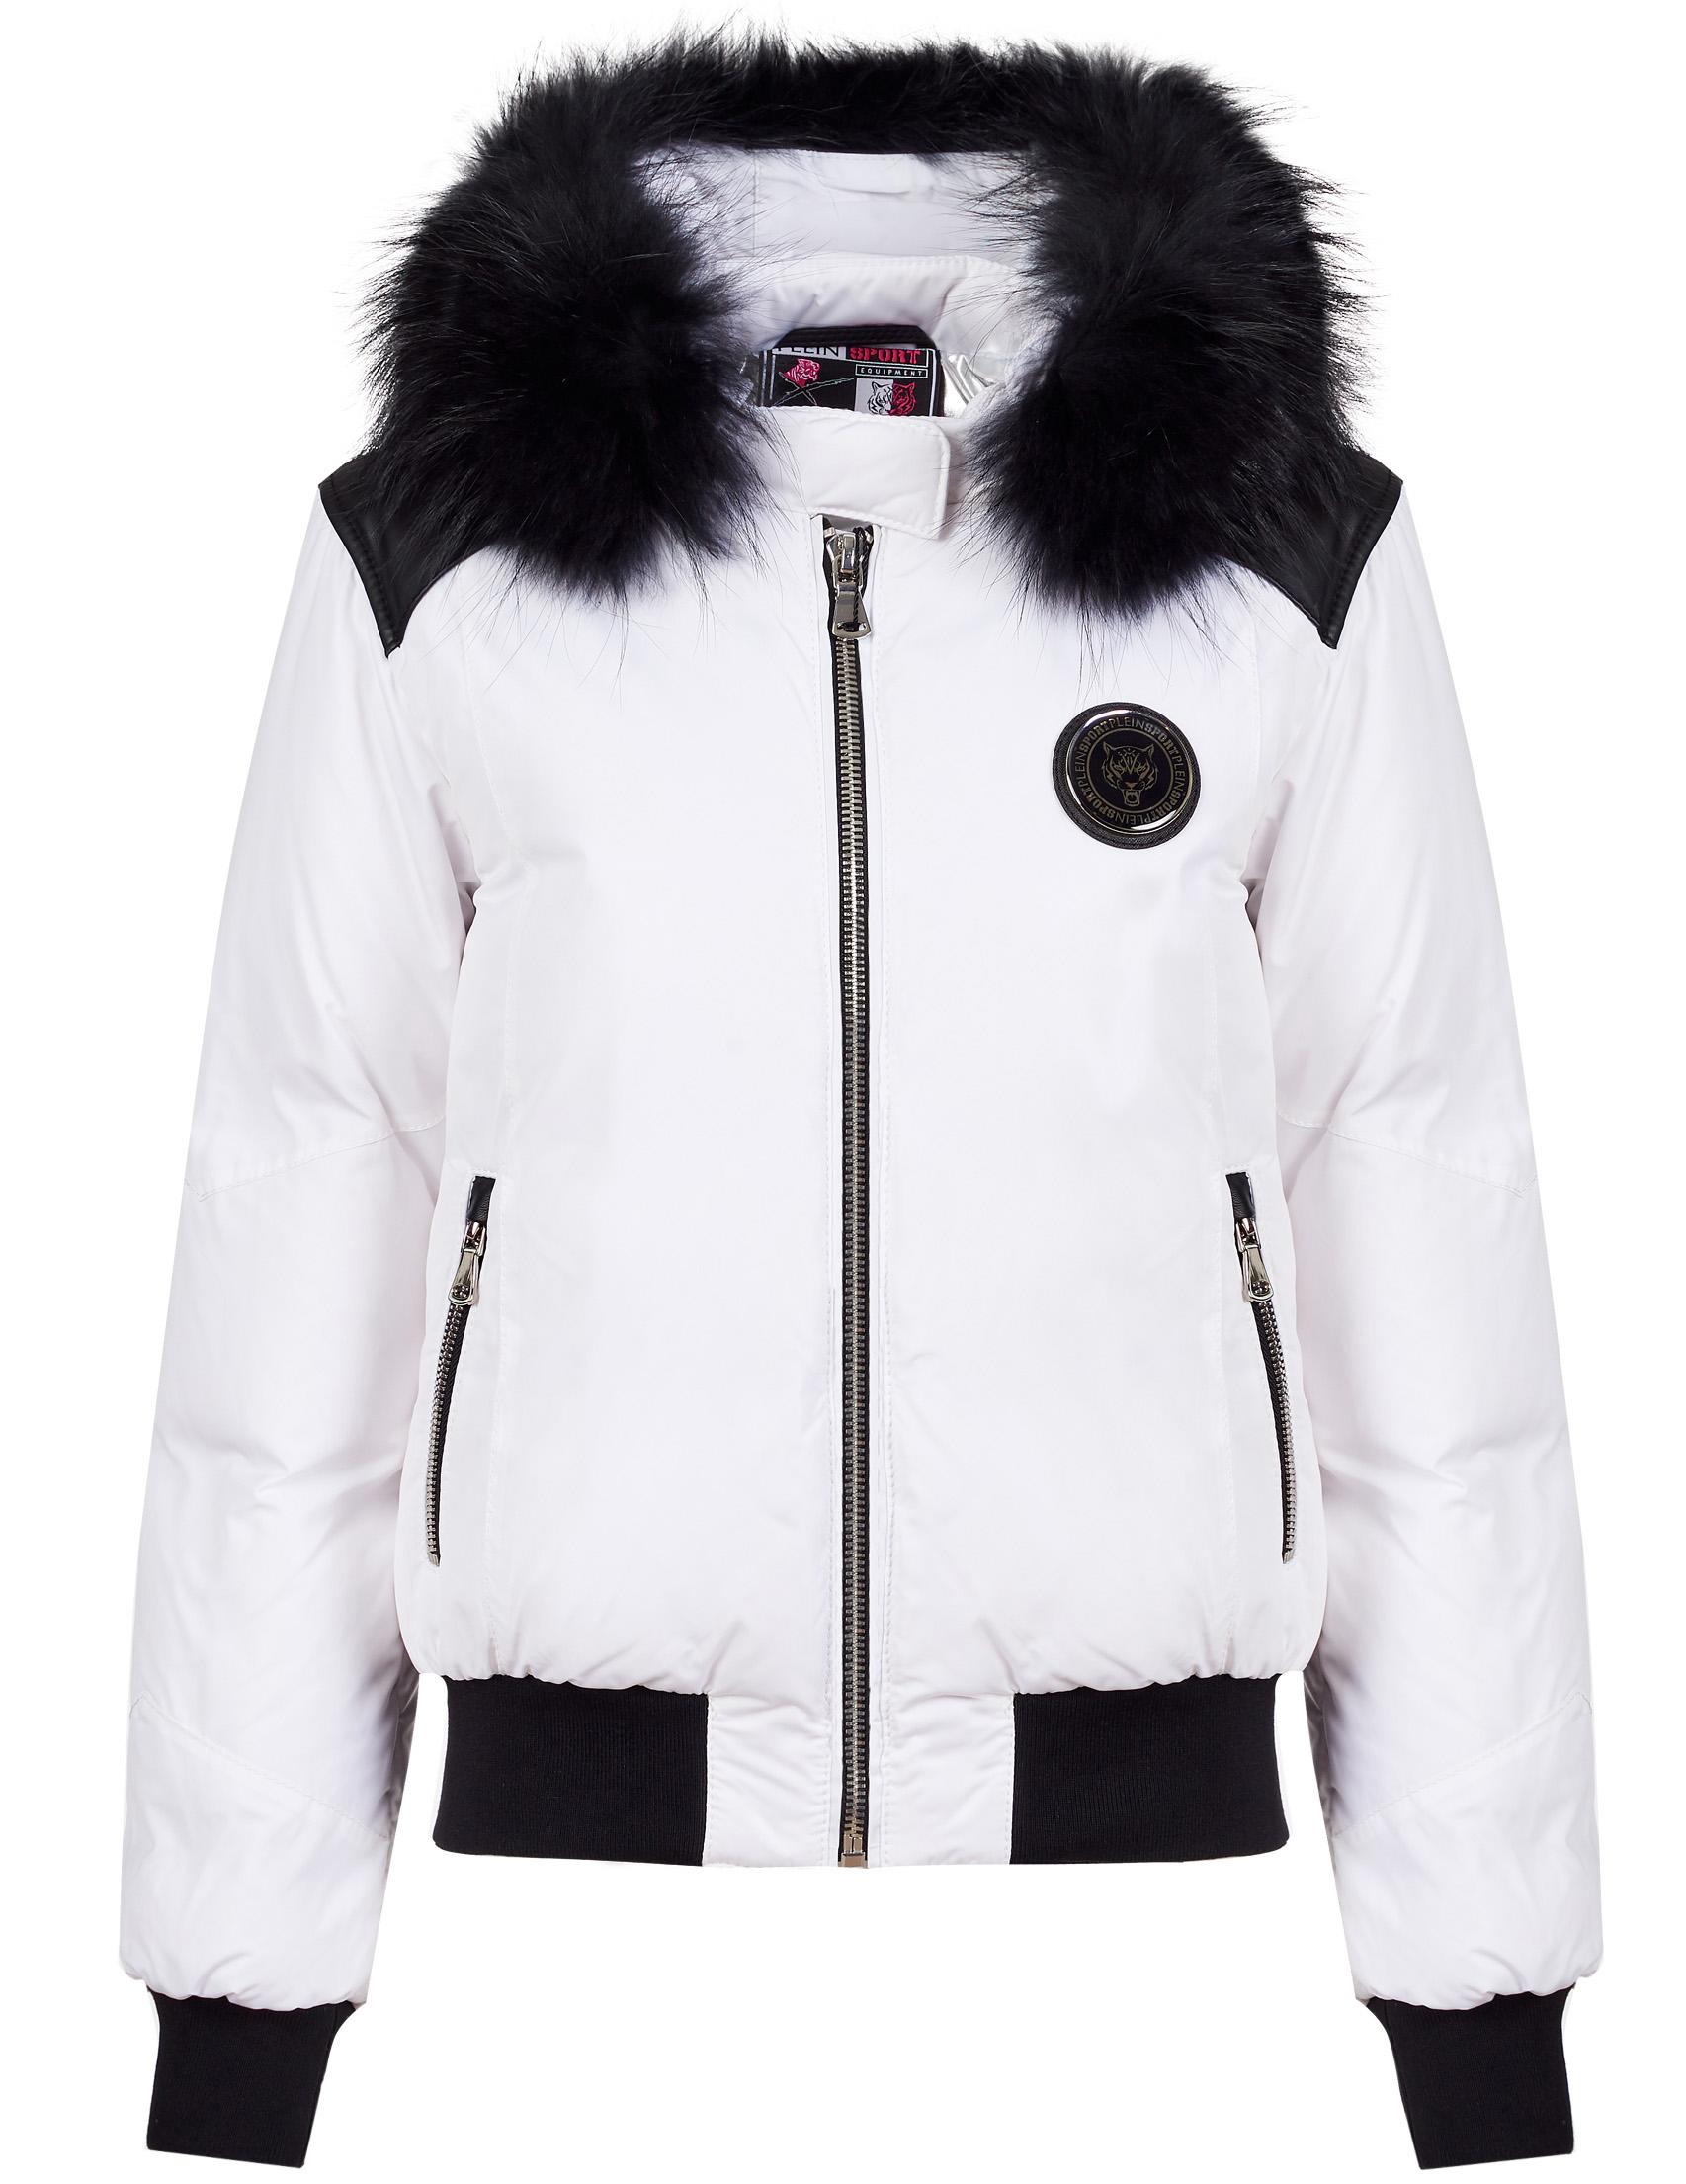 Купить Куртки, Куртка, PLEIN SPORT, Белый, 100%Полиэстер;100%Кожа, Осень-Зима